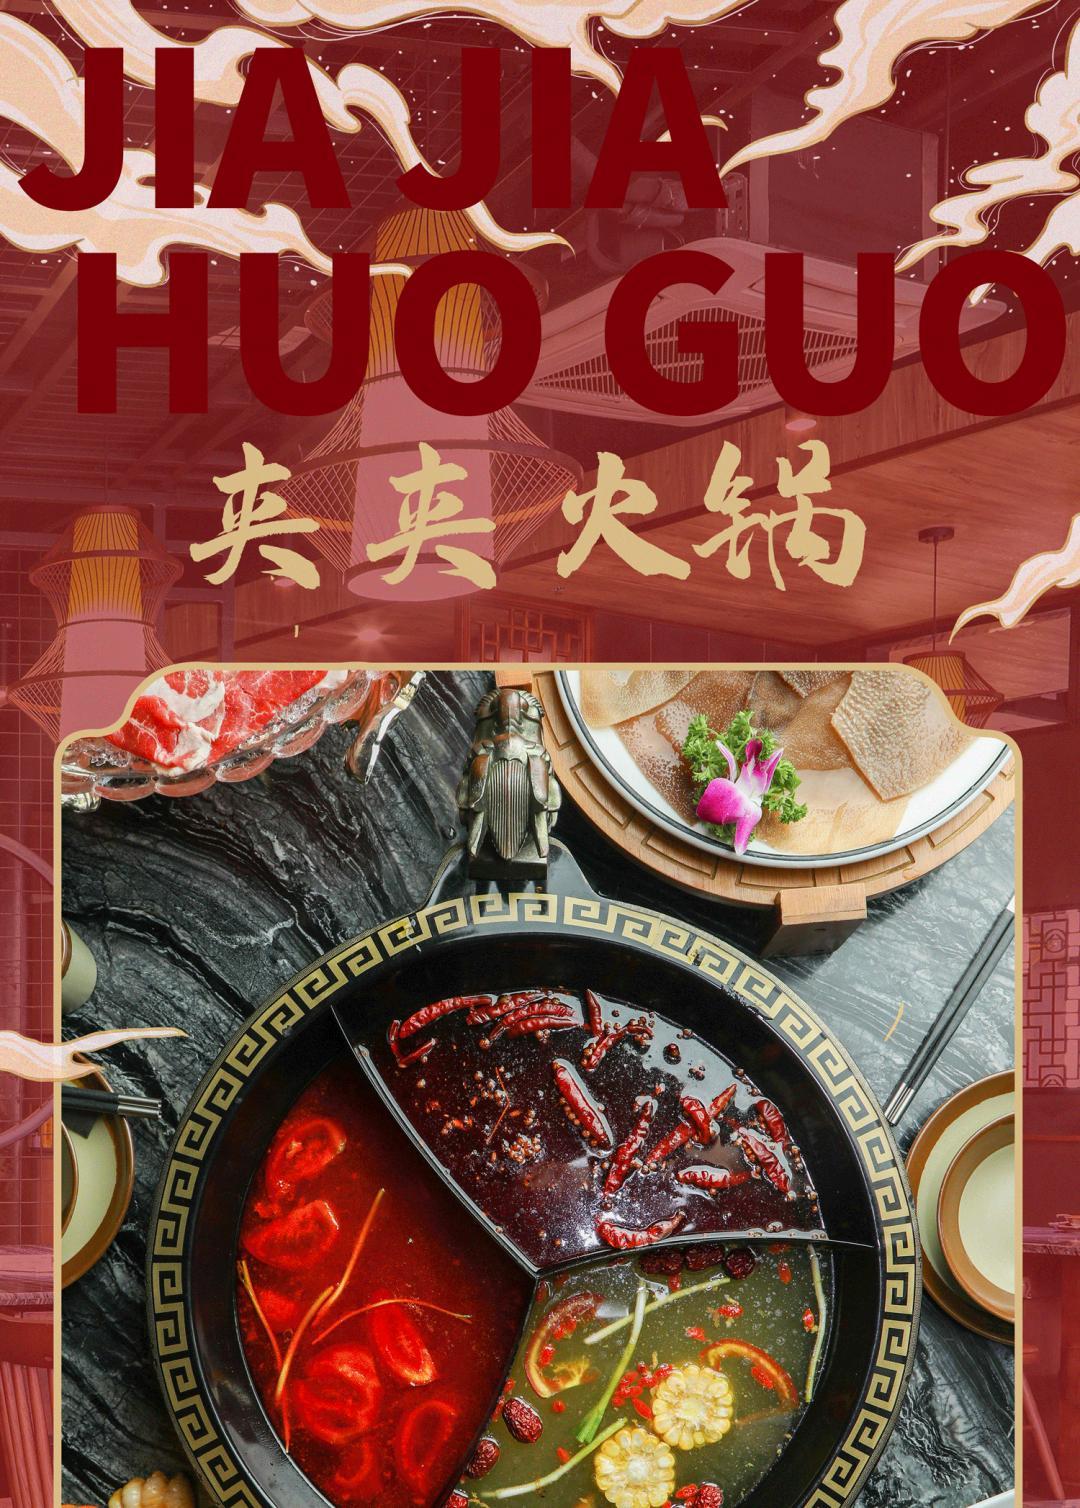 1200㎡超大神仙火锅店!霸气豪横、复古轻奢,开启夏季养生火锅新潮流!(图2)